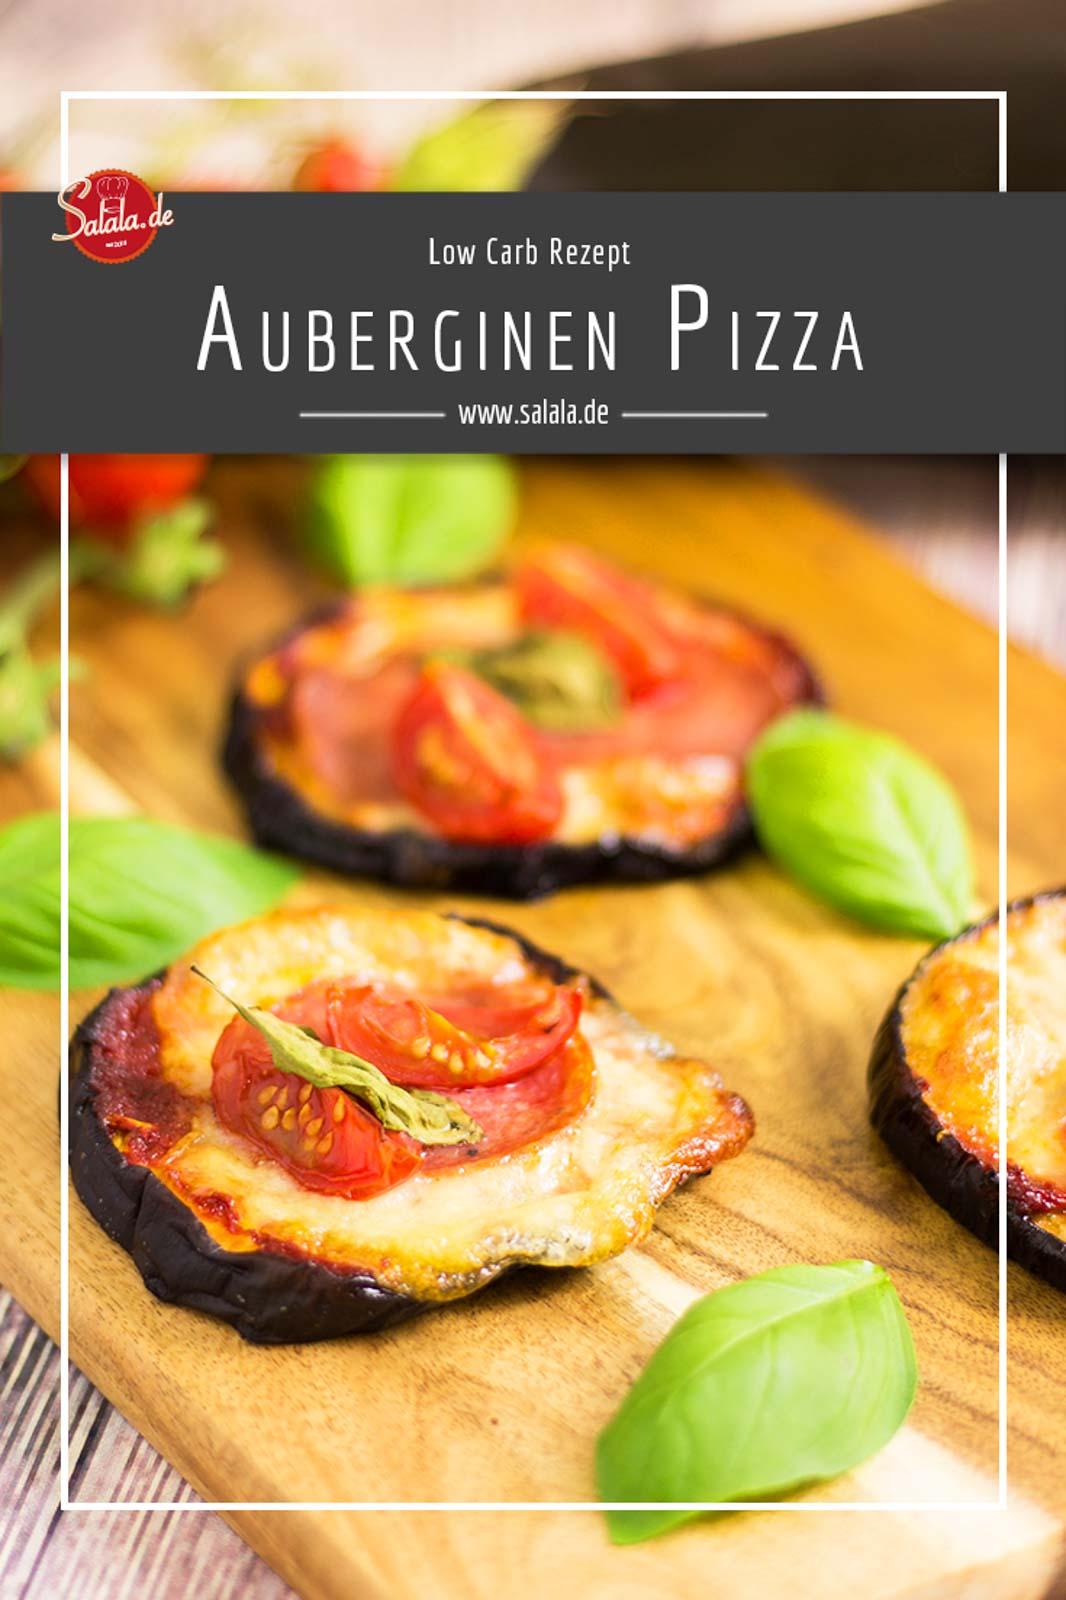 Auberginen Pizza Low Carb Minipizza - by salala.de - Rezept ohne Kohlenhydrate schnell gemacht #pizza #noflour #sugarfree #zuckerfrei #keto